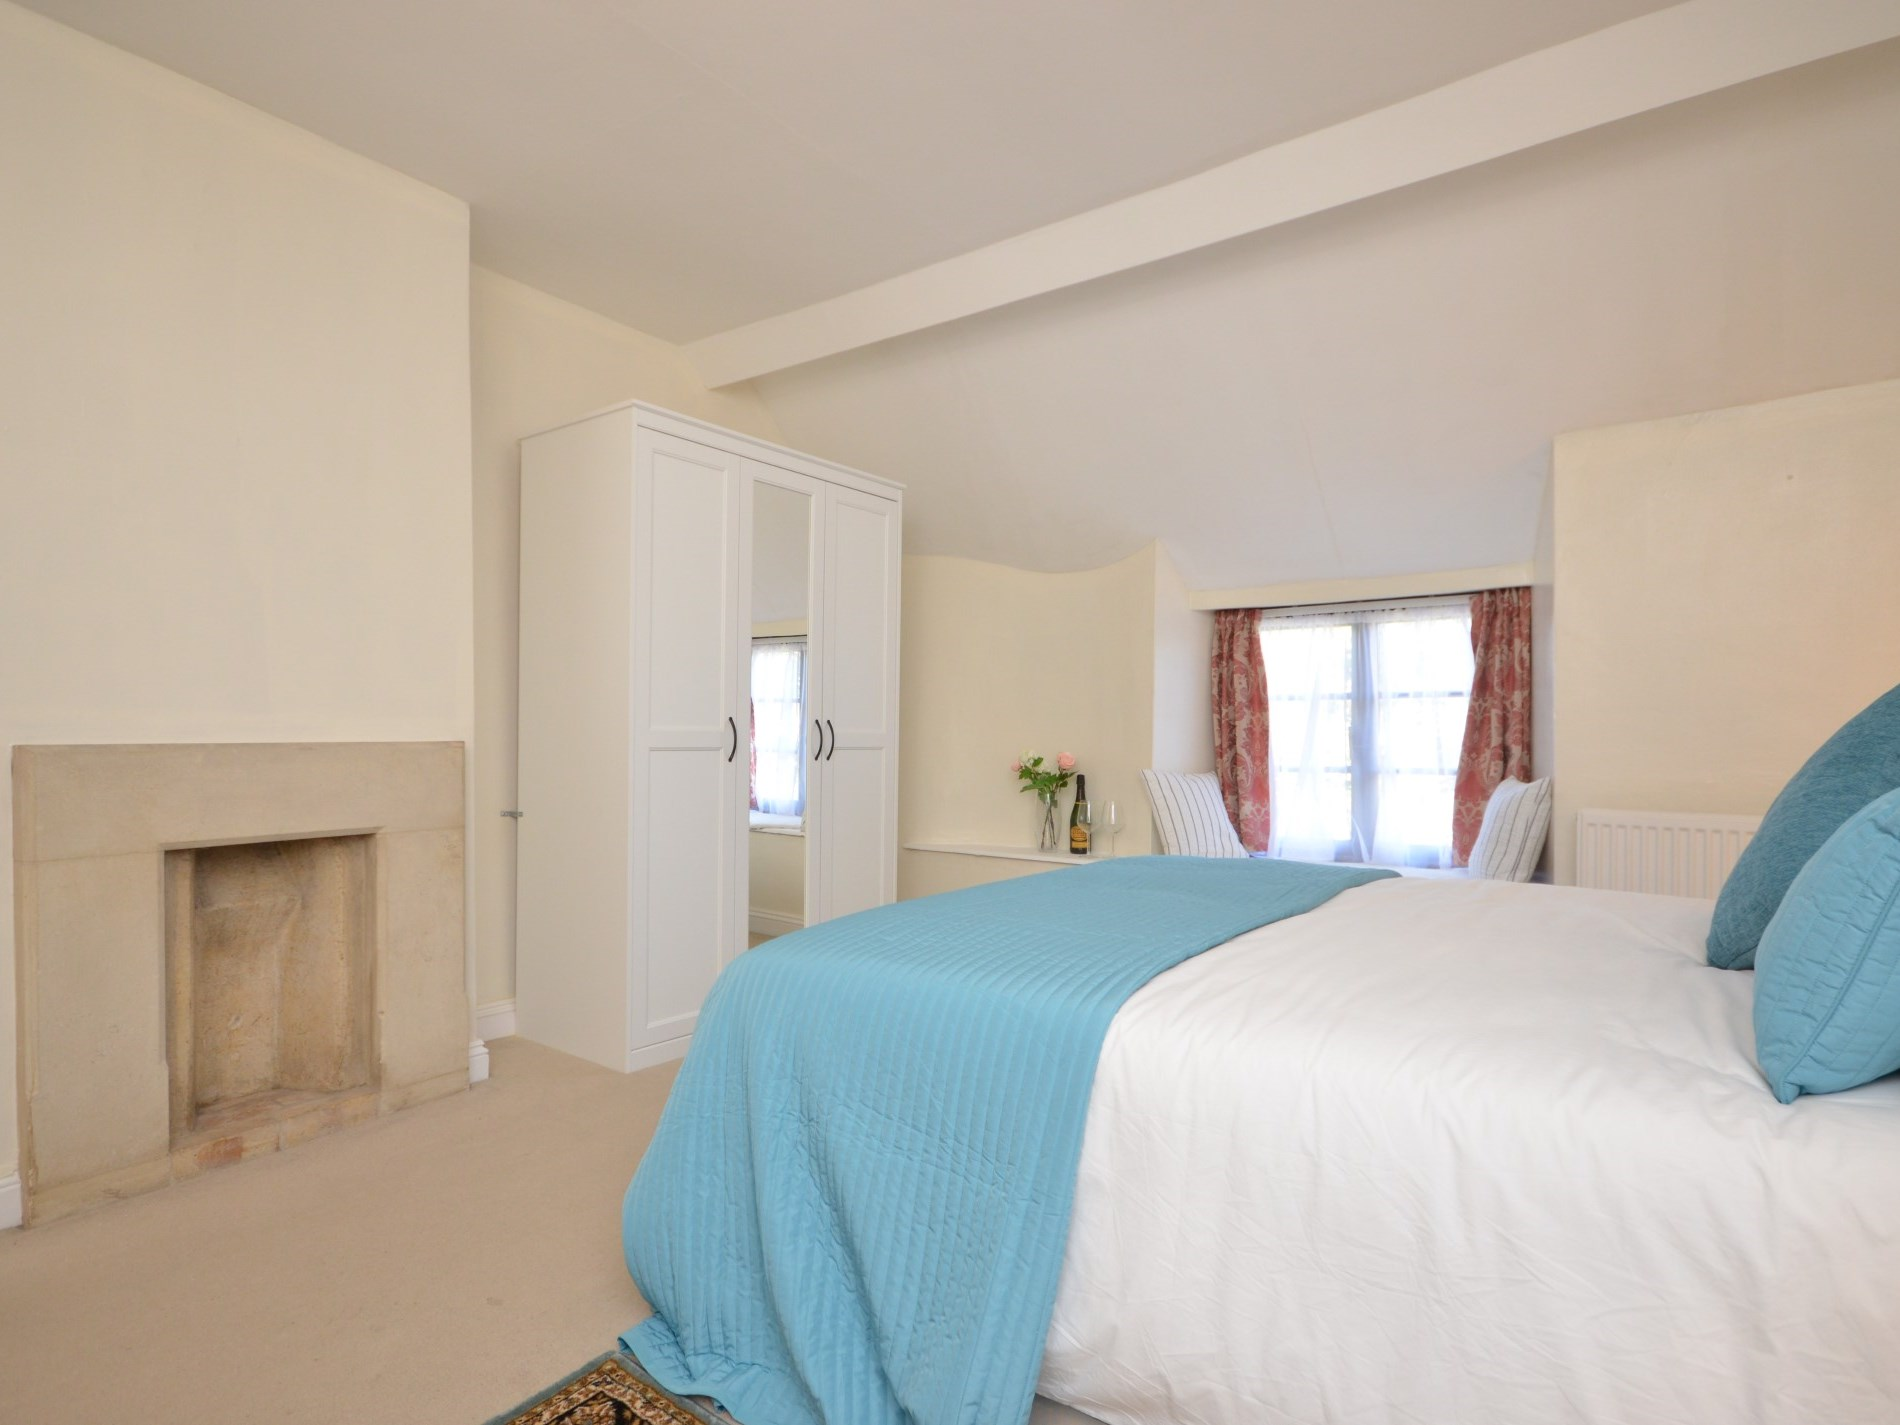 Large super king sized bedroom